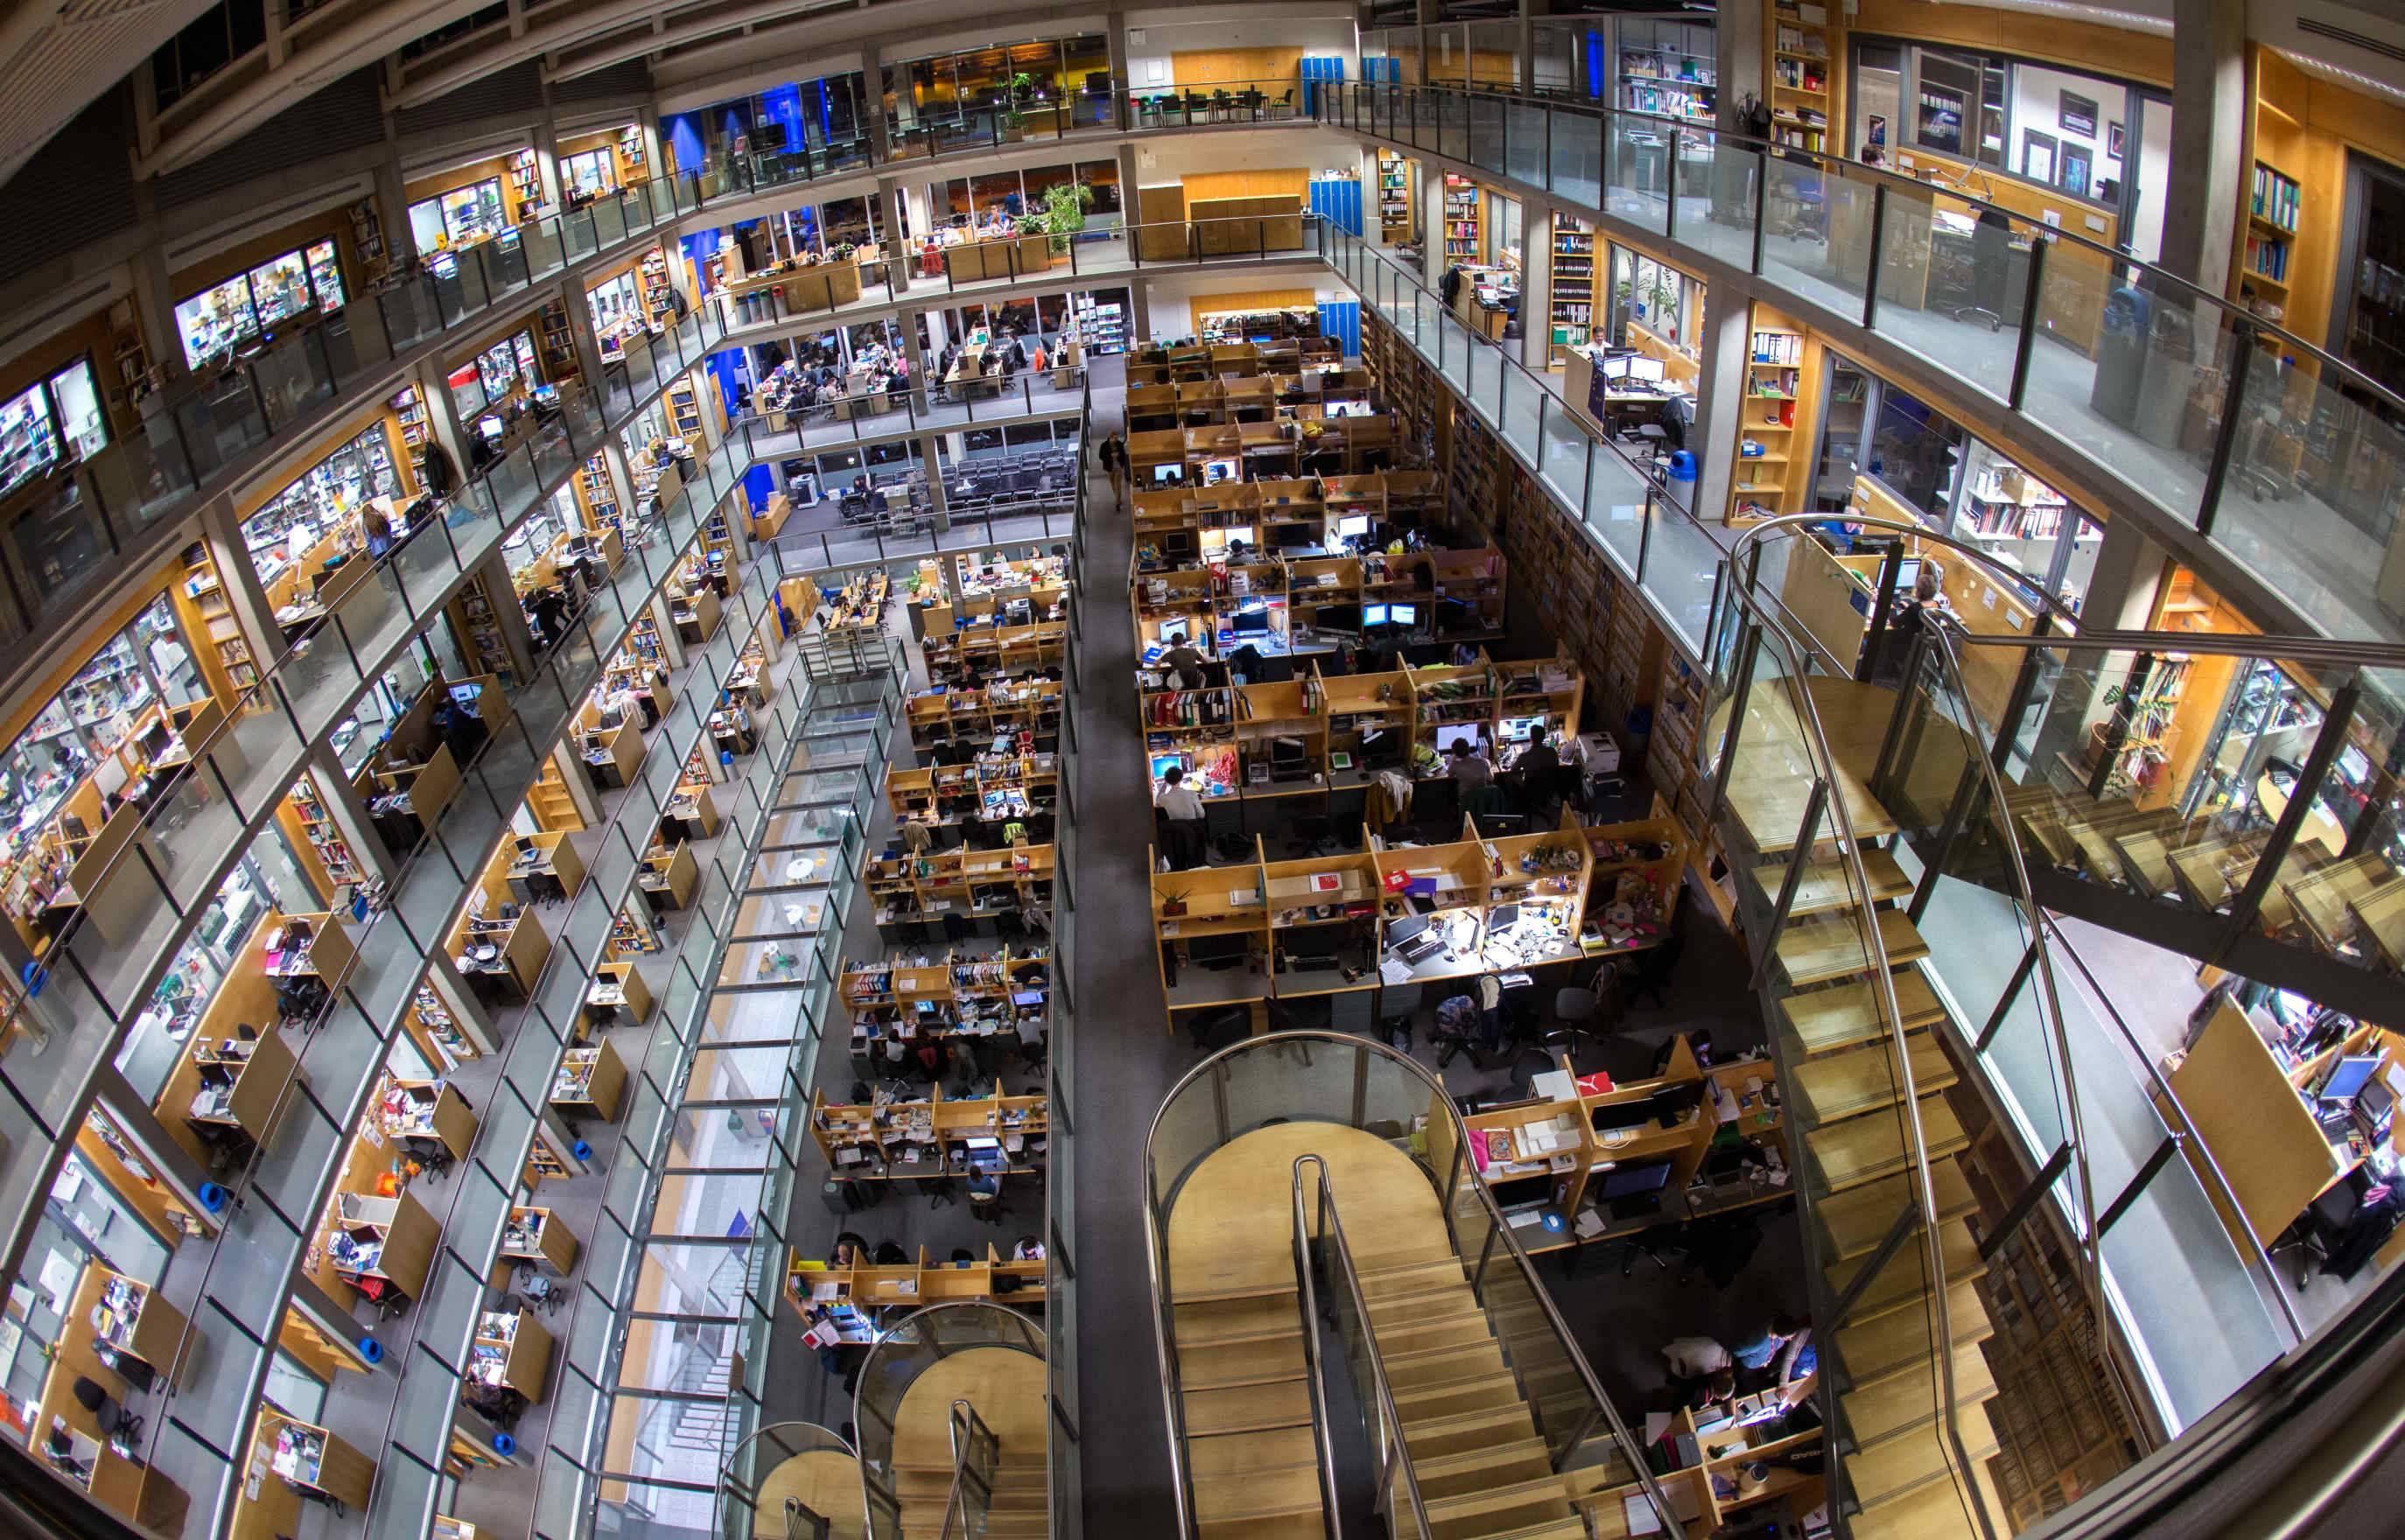 Обучение в london school of economics and political science для иностранцев